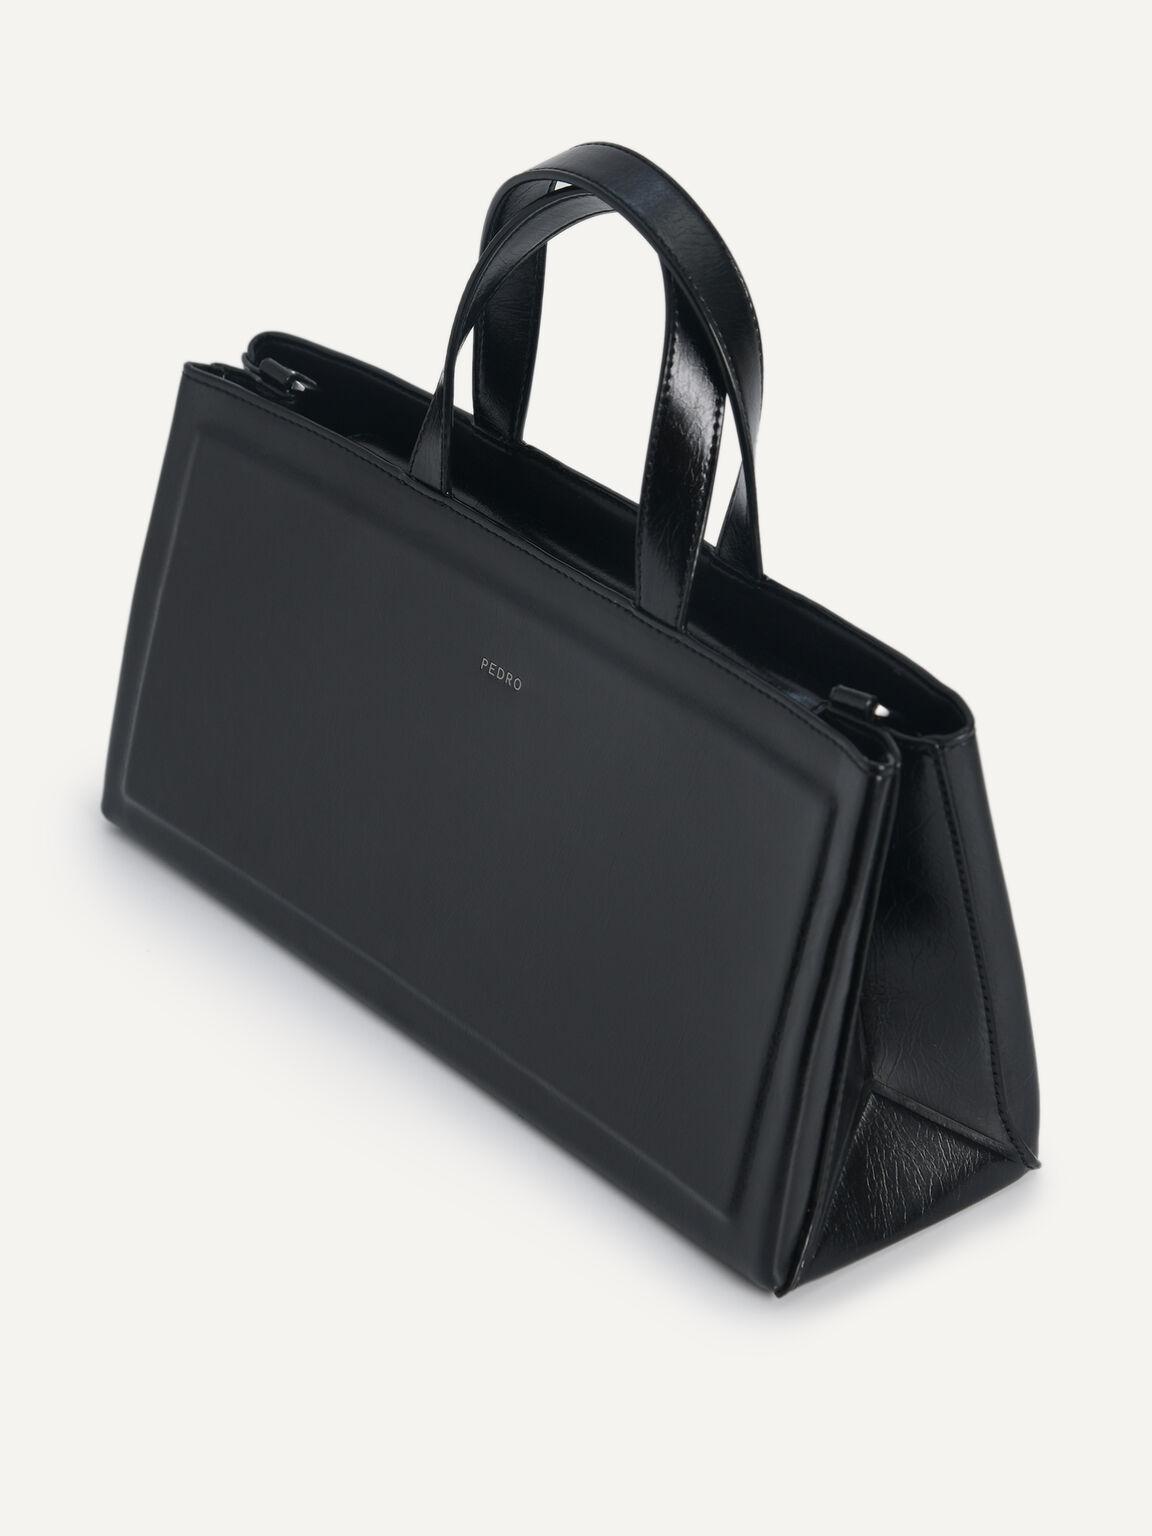 Crate Tote Bag, Black, hi-res